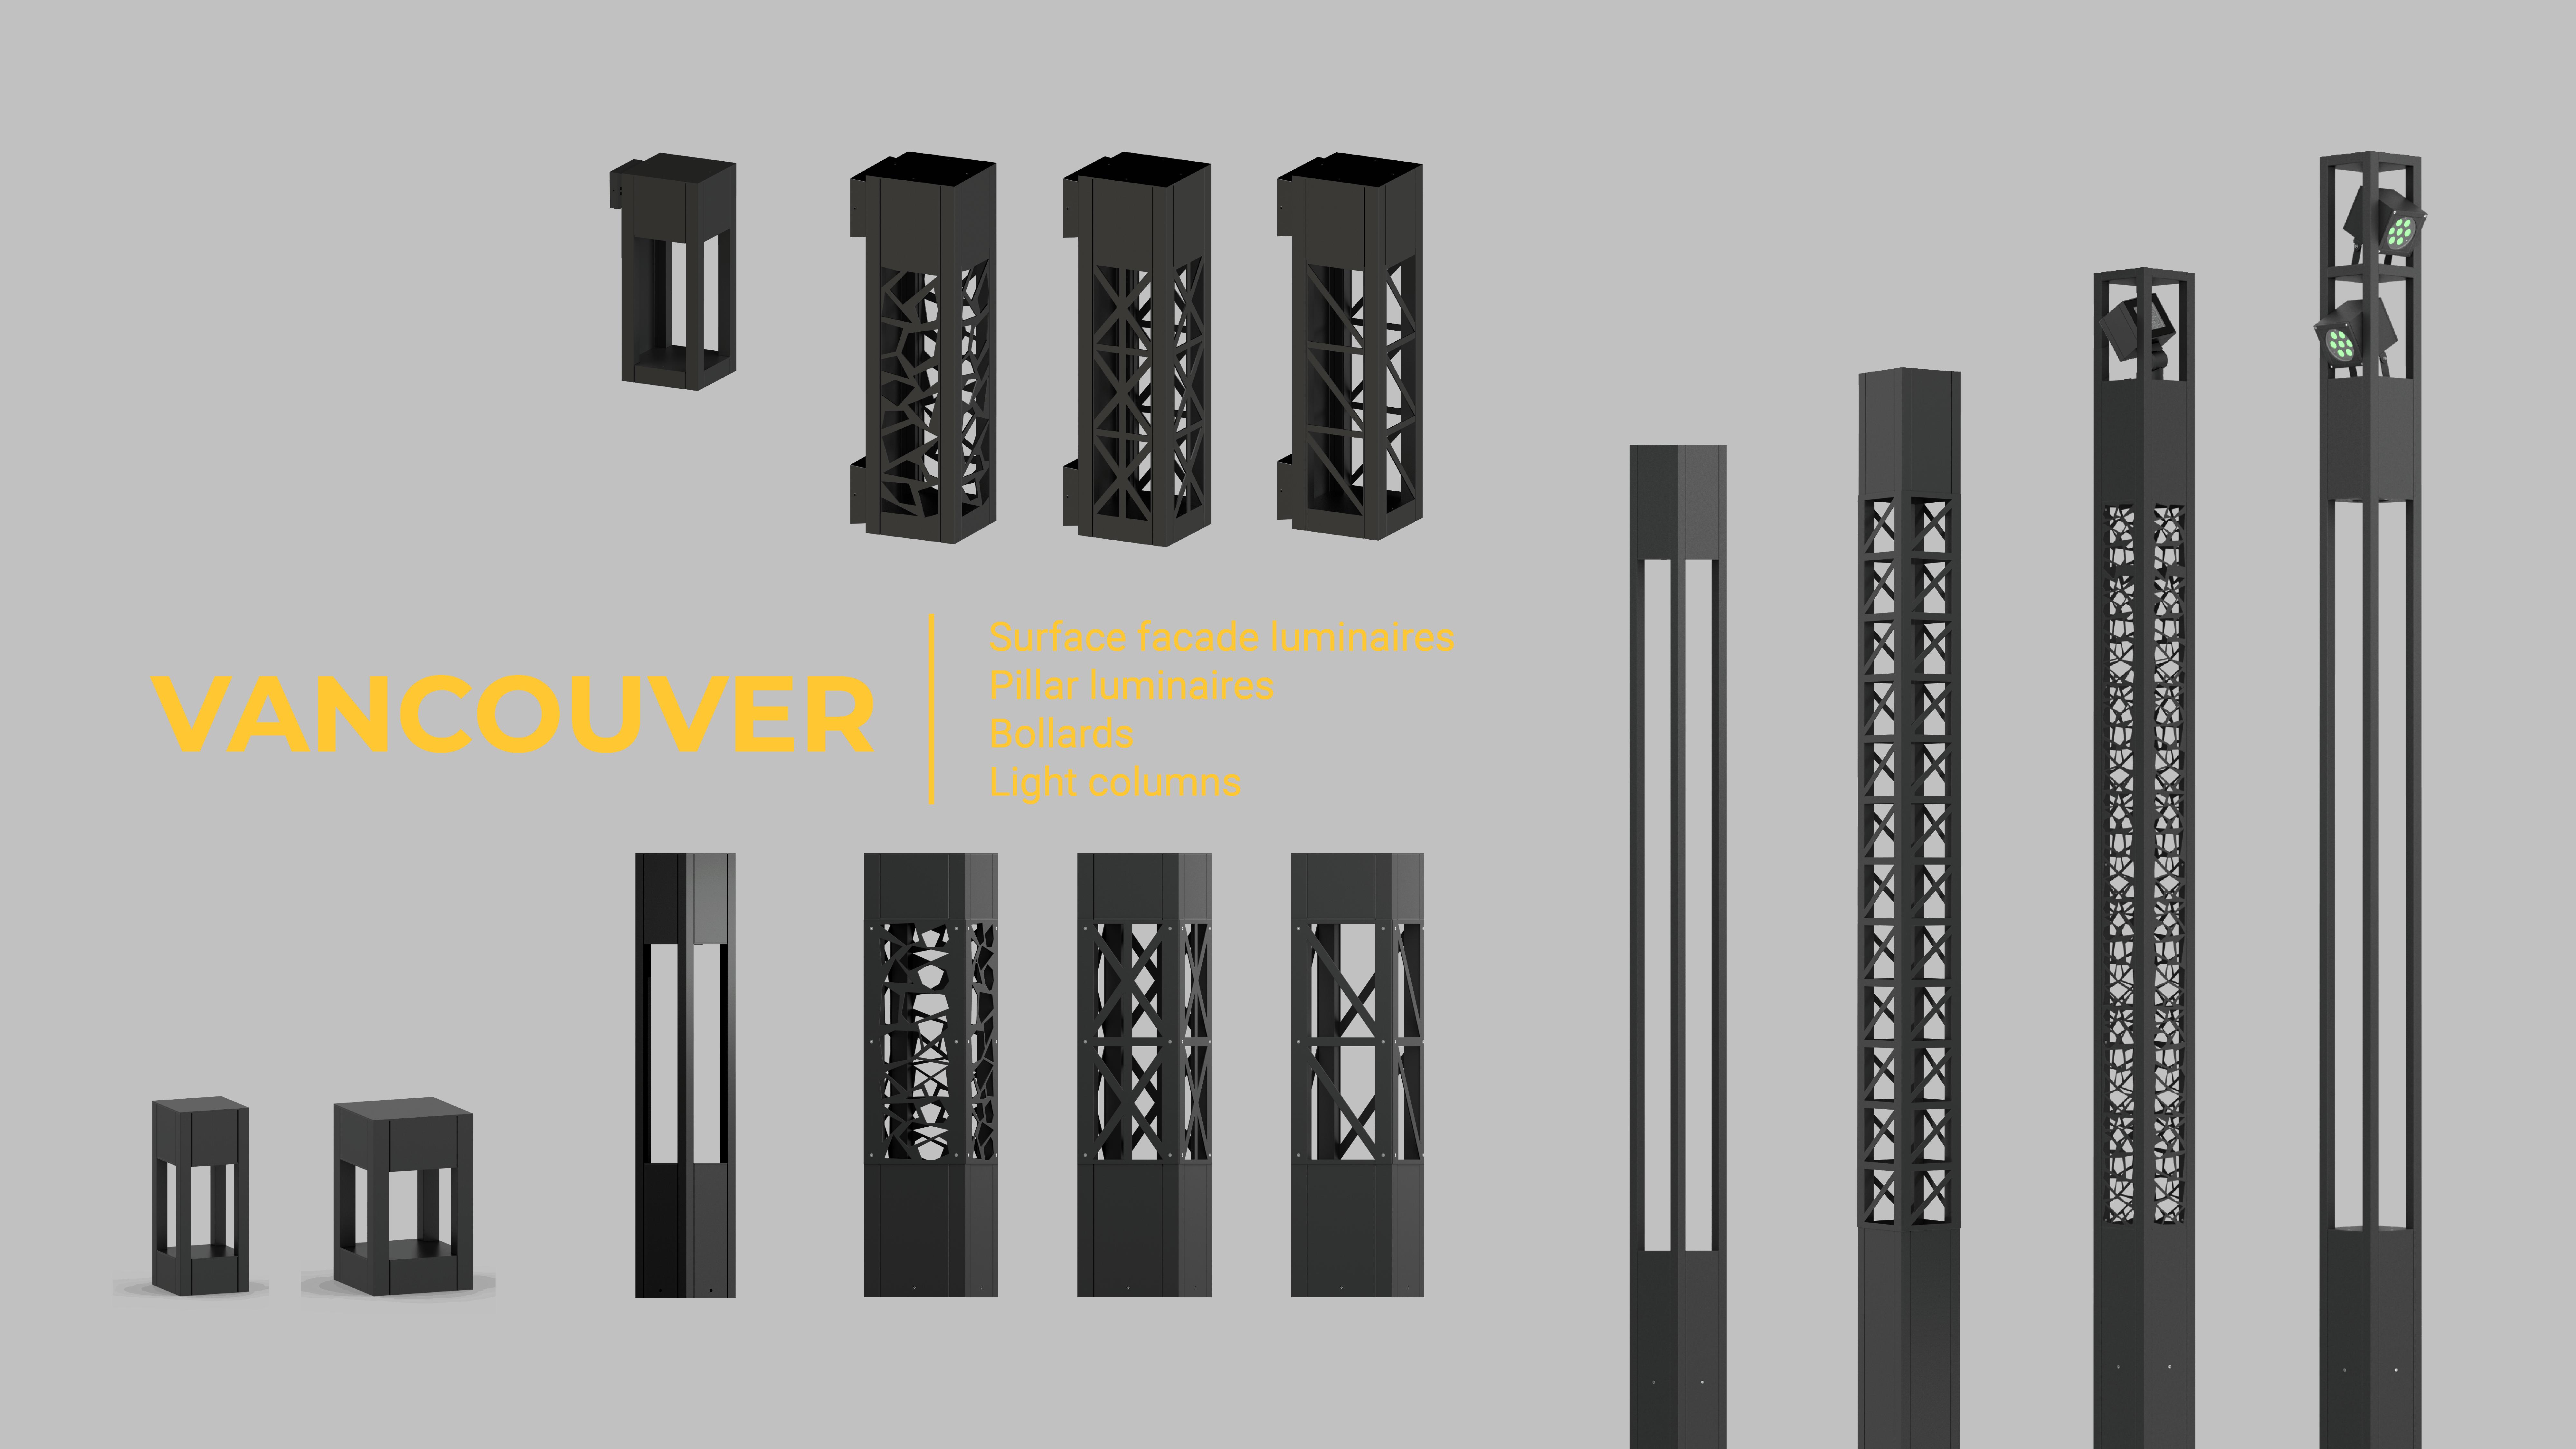 VANCOUVER Y-01